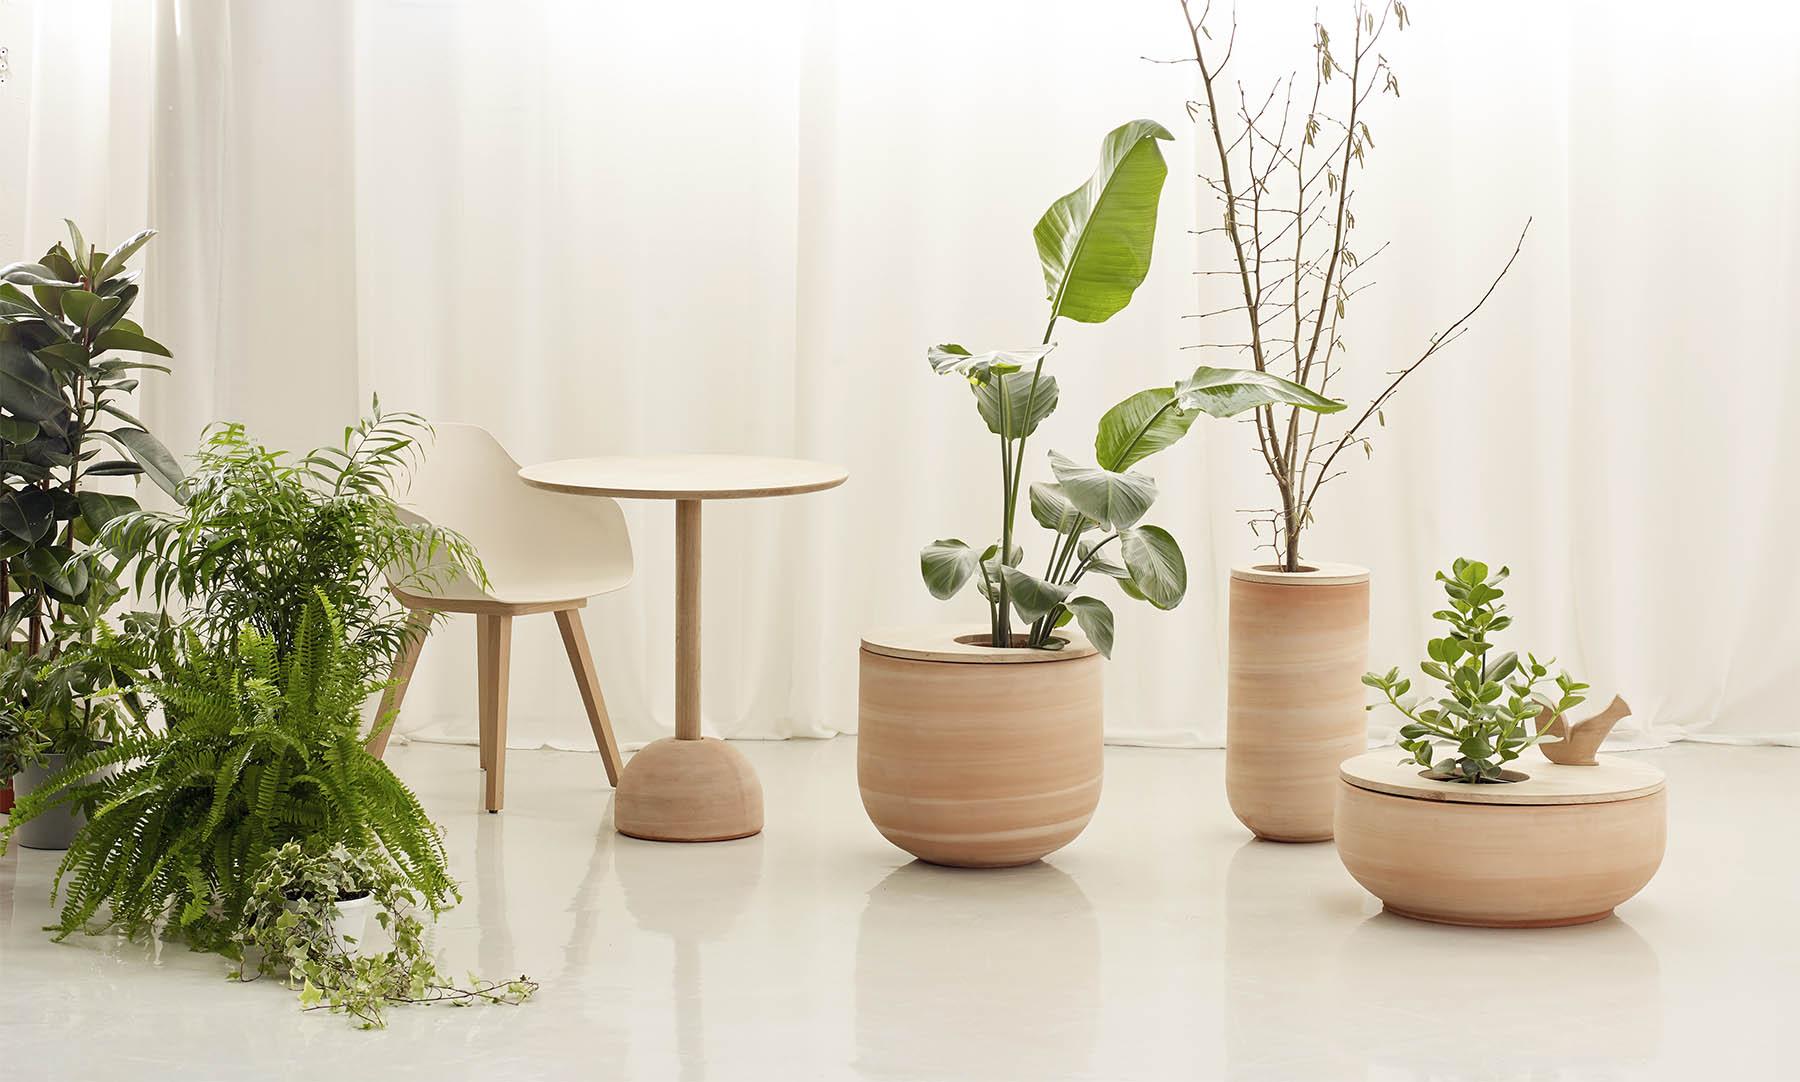 Lur Collection Designed by Iratzoki & Lizaso in oak and terracota